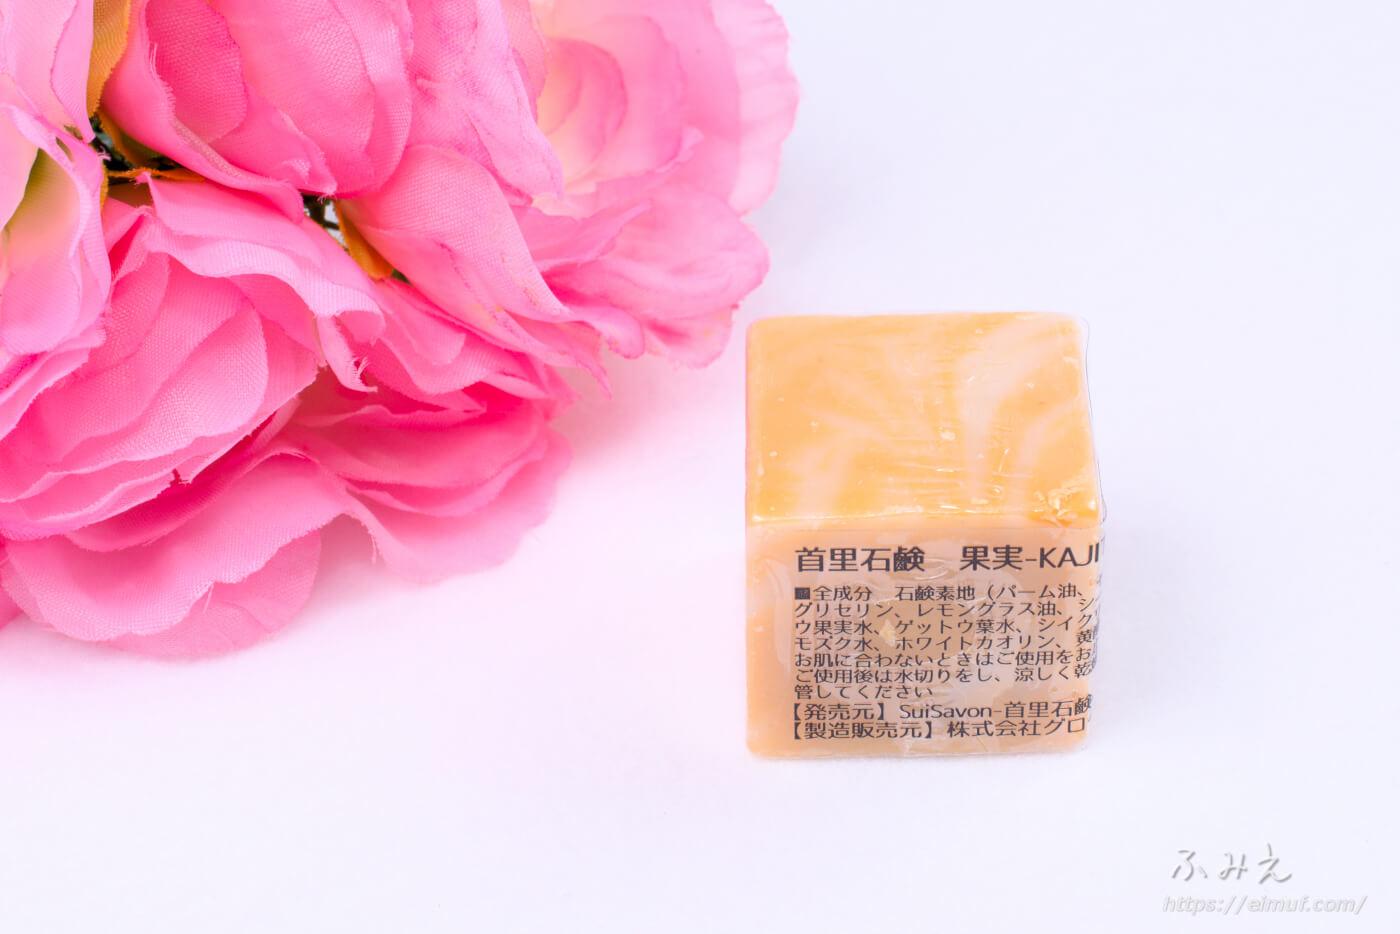 首里石鹸 ボタニカルハンドメイドソープ CUBE石鹸 8つセット (果実) 側面1